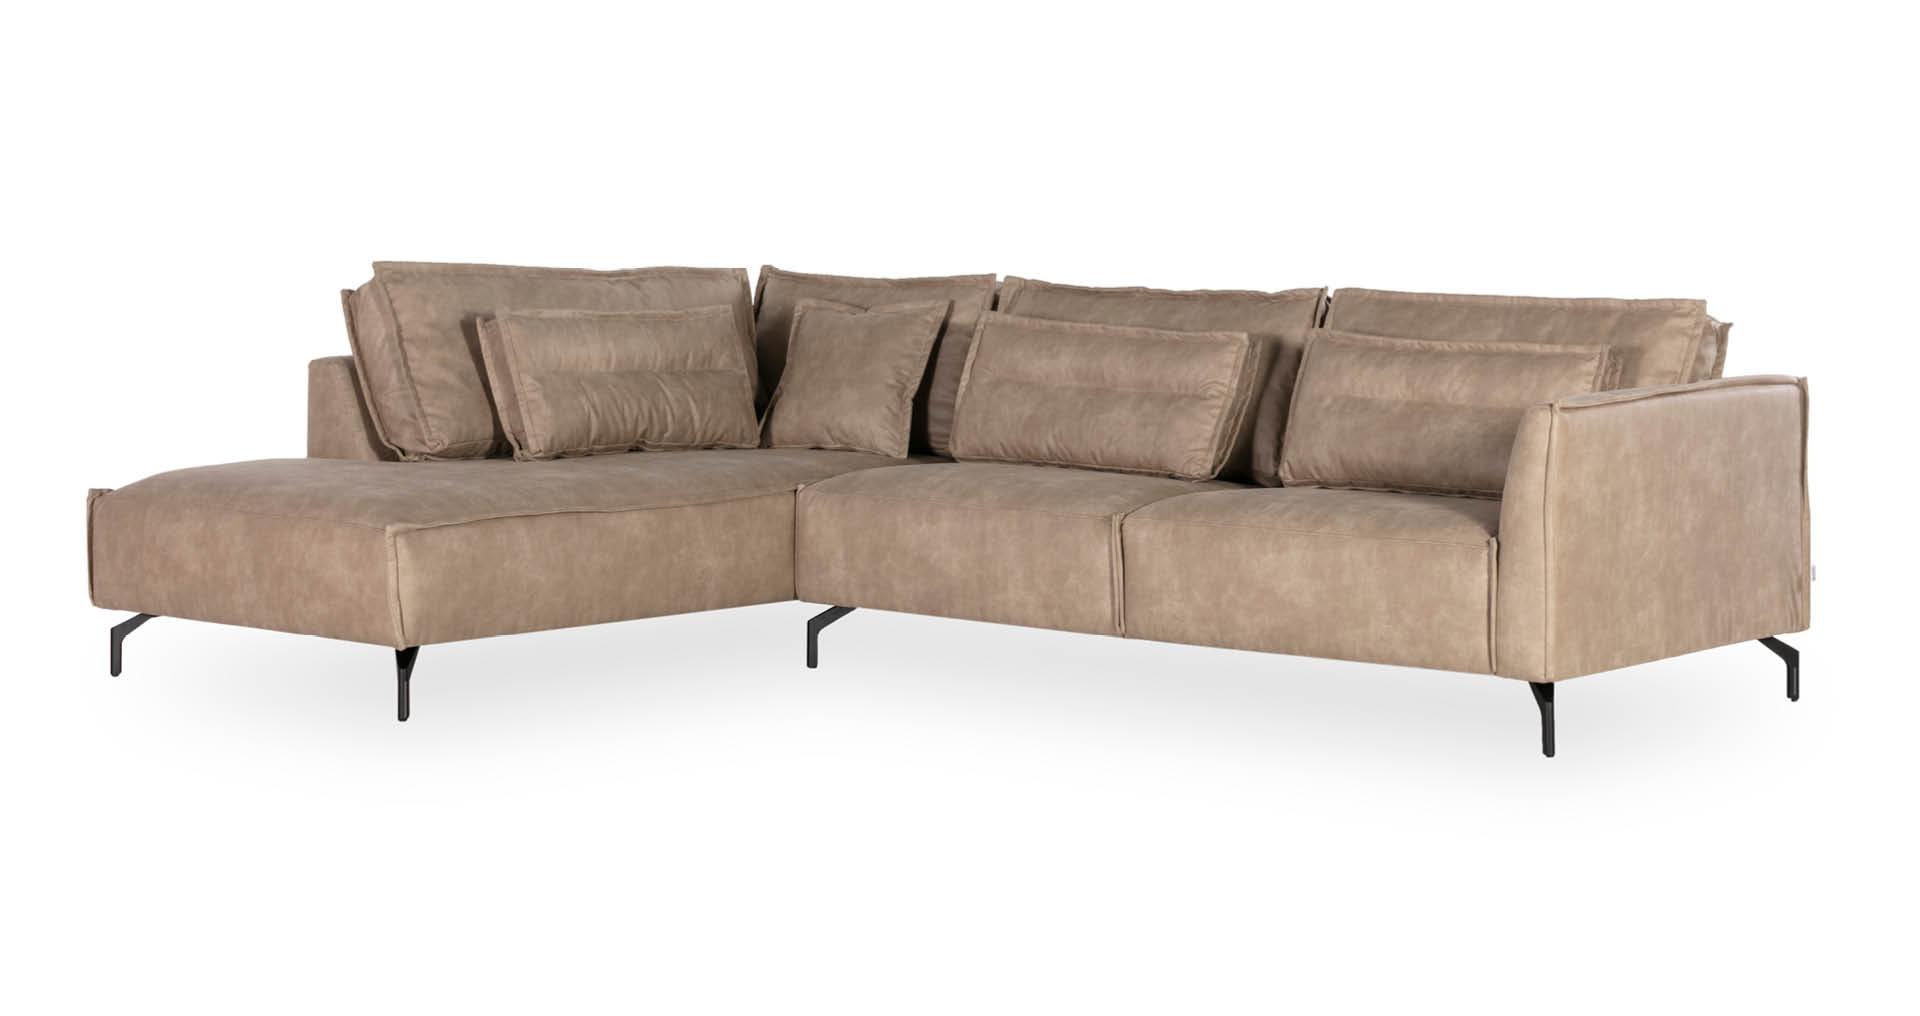 """ספה פינתית קרט צד שמאל  300 ס""""מ בגוון קפוצ'ינו"""